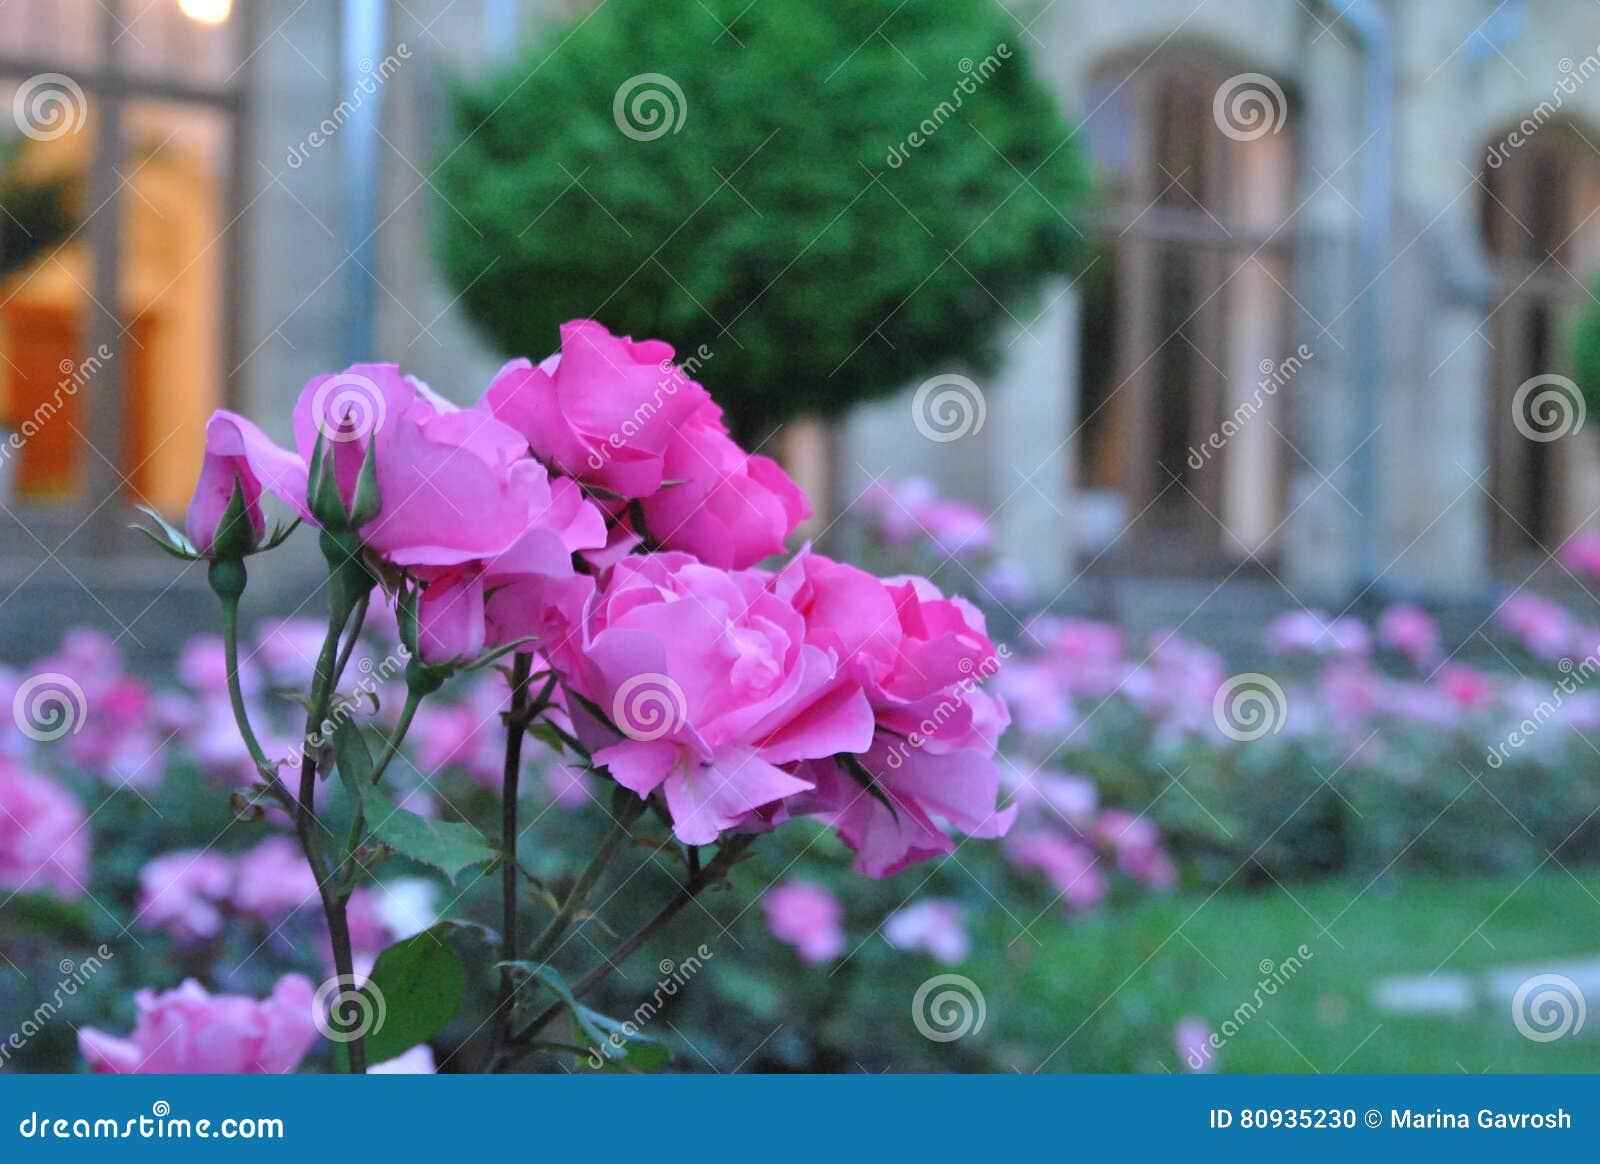 Roses d 39 arbuste sur un parterre photo stock image 80935230 for Parterre de roses photos